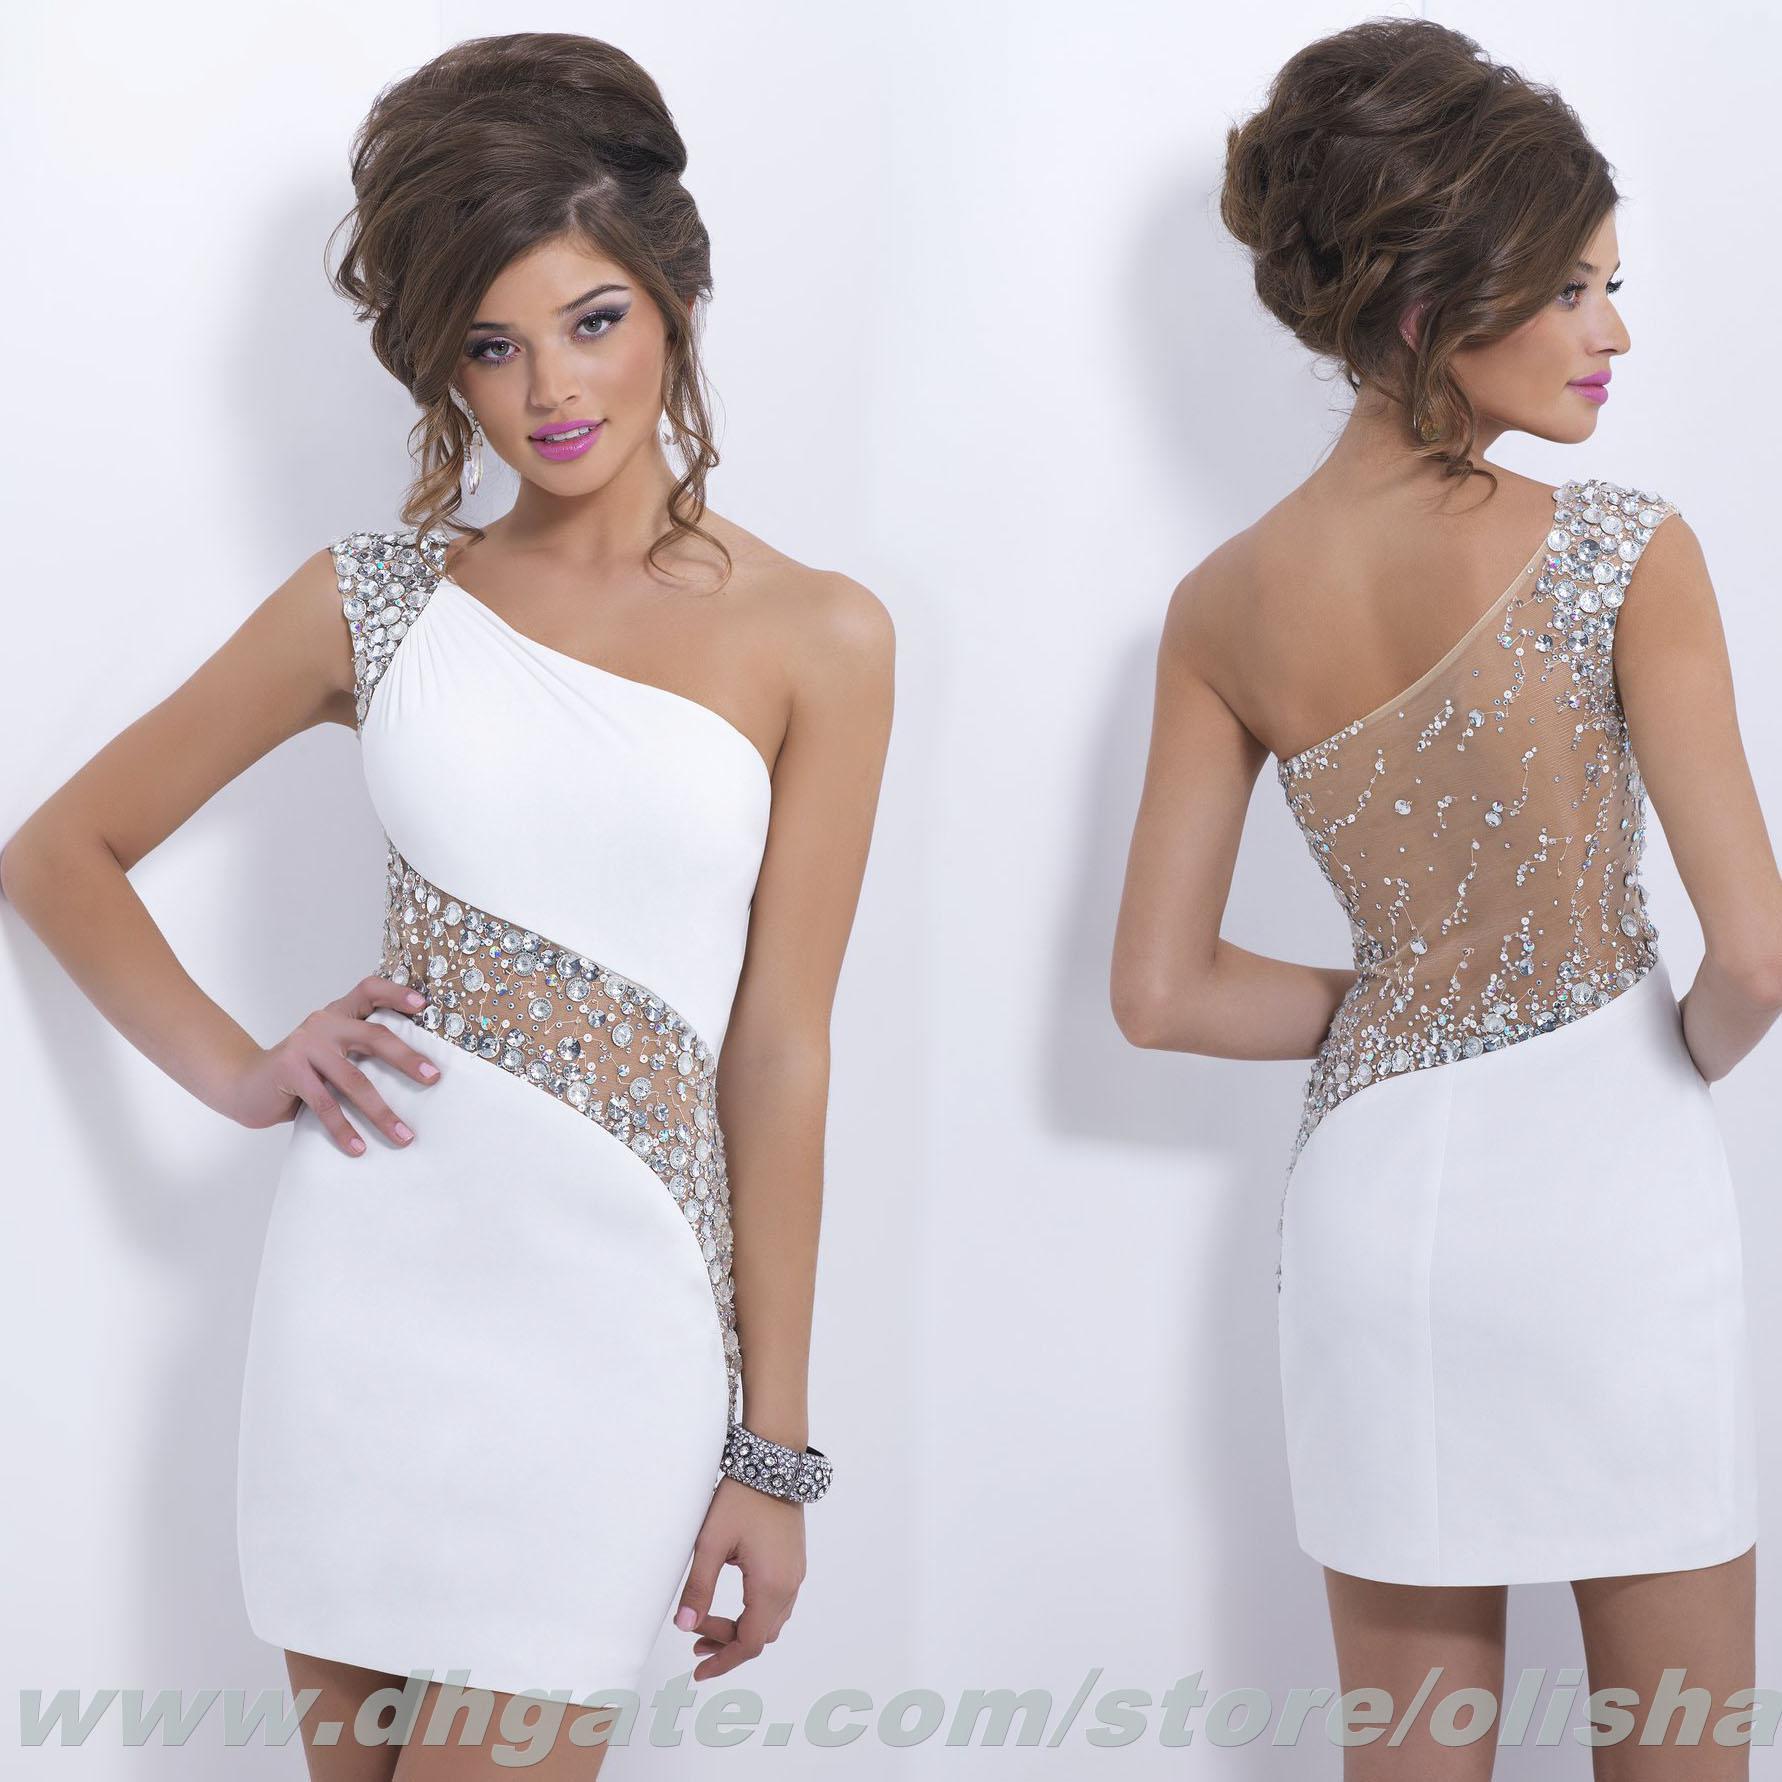 Short Mini Prom Dresses 2015